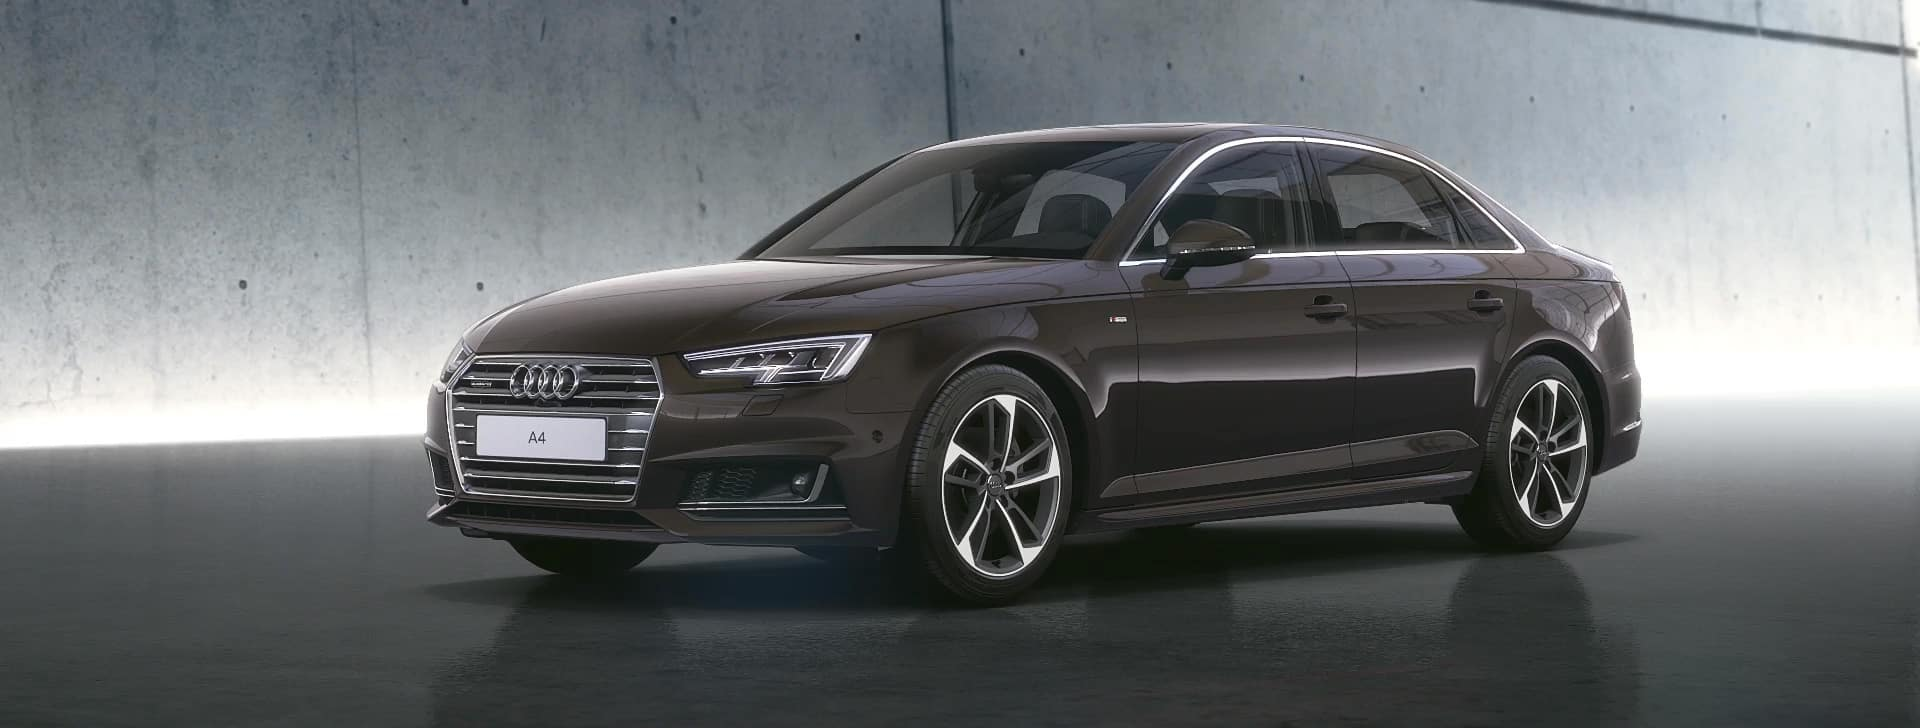 A4 Limousine Gt Audi Deutschland